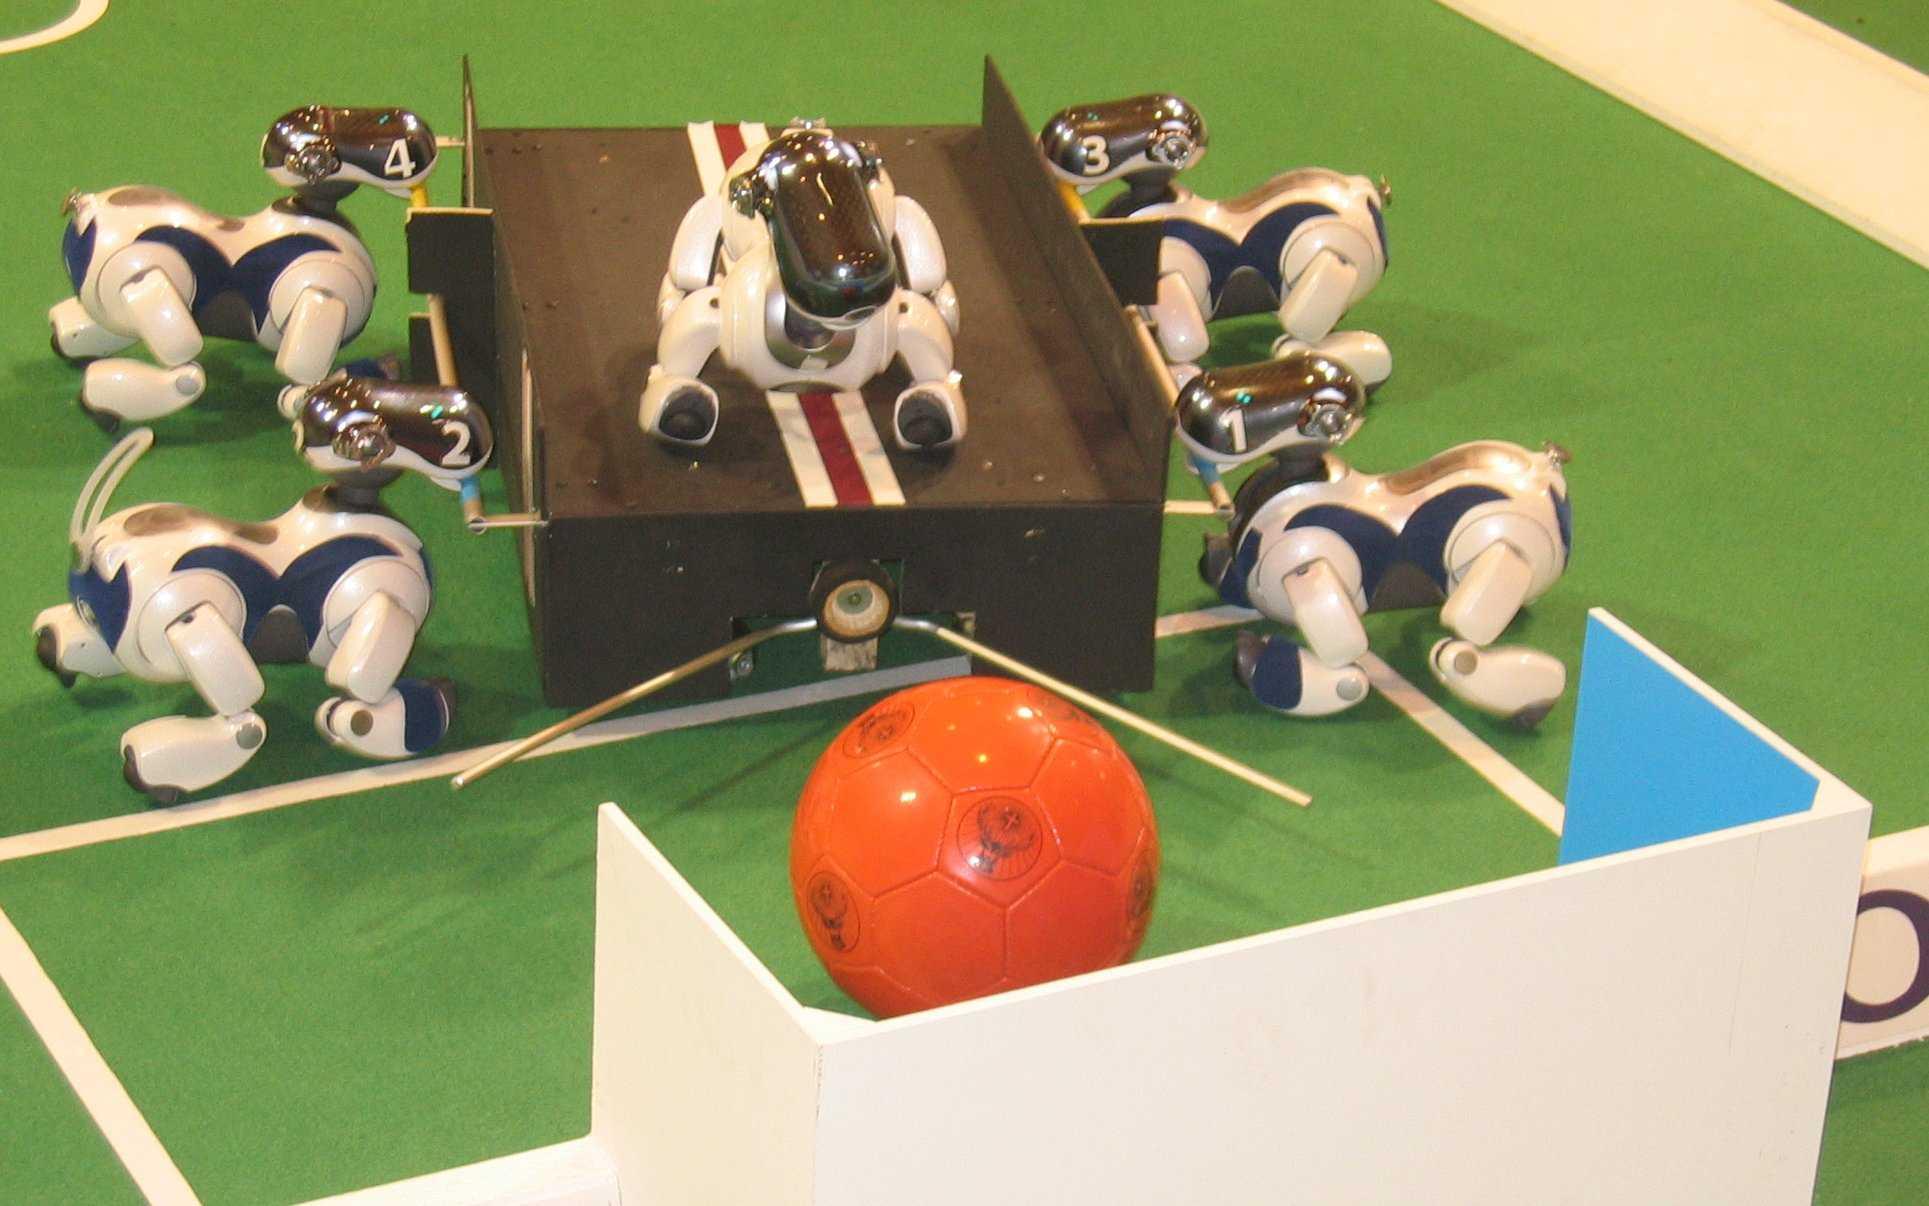 Technical Challenge der Aibo League